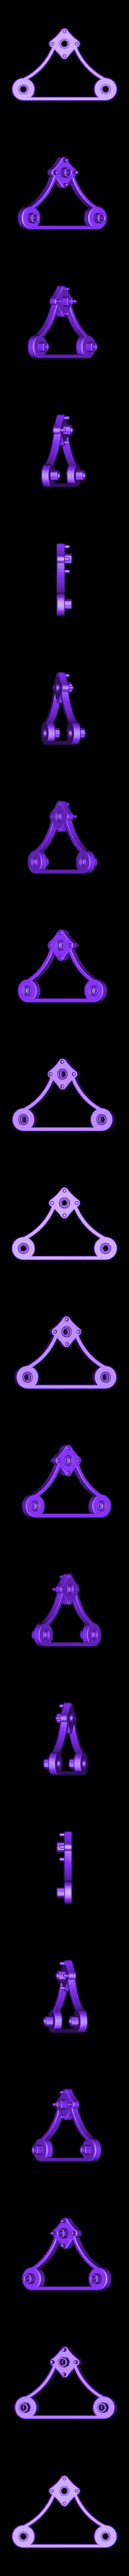 SpinnerArm_TaulmanSpool.STL Télécharger fichier STL gratuit Porte-bobine Taulman • Plan pour impression 3D, Balkhagal4D